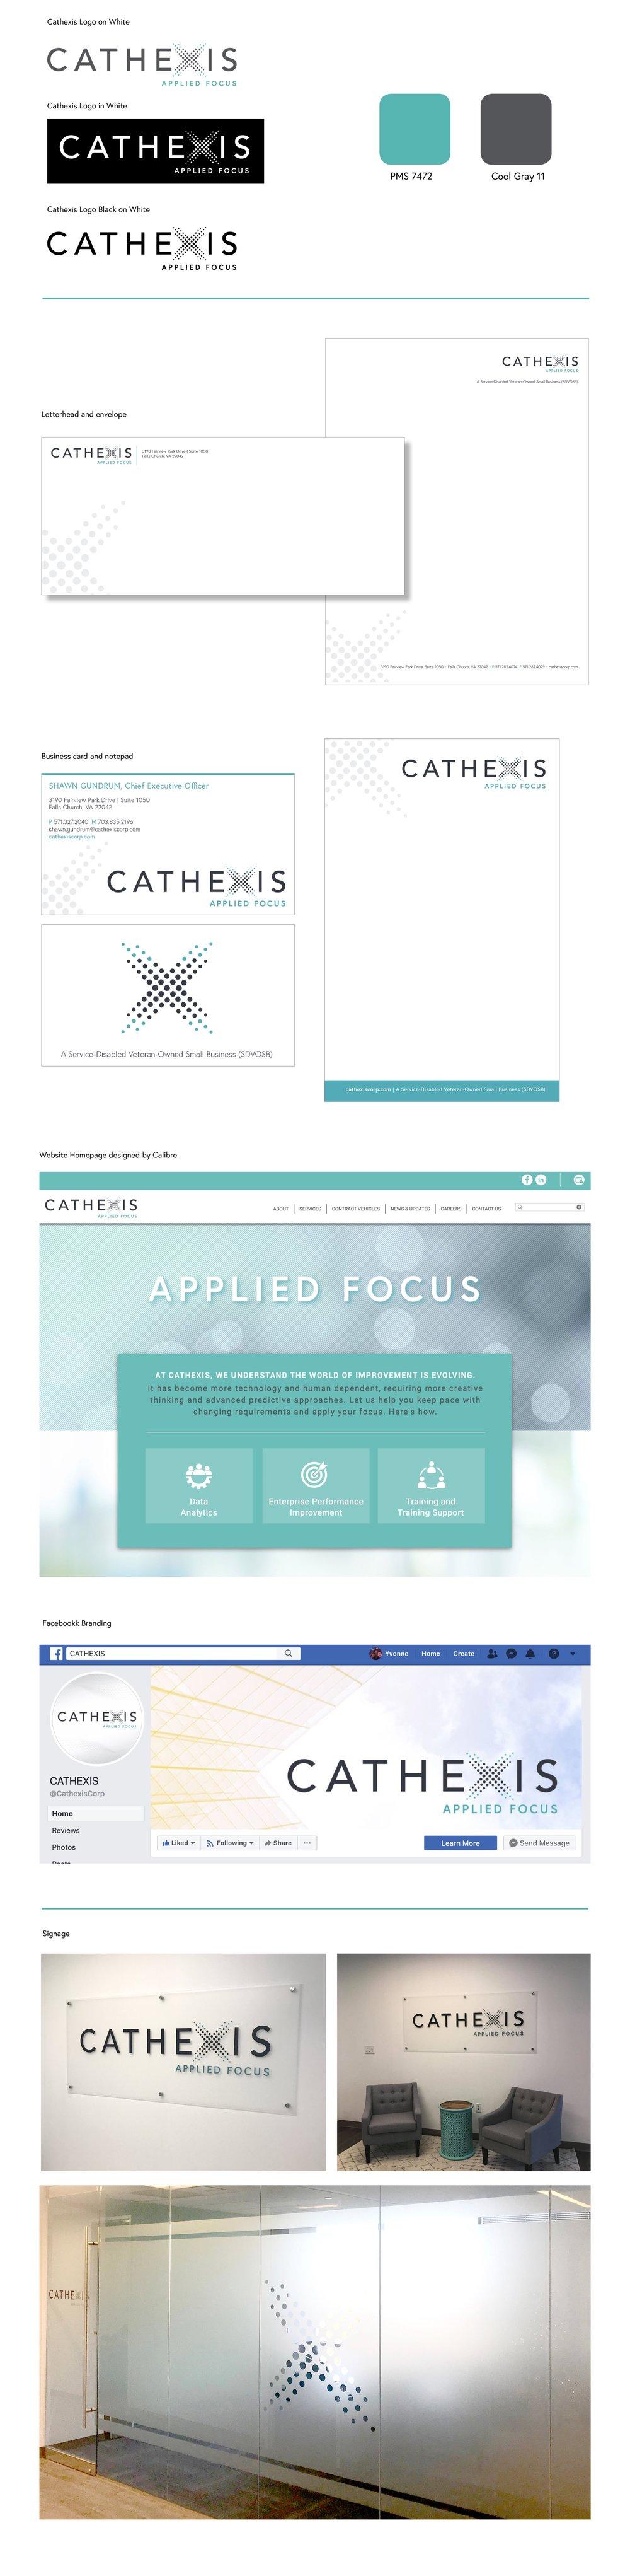 Cathexis+Case+Study+_V2.jpg